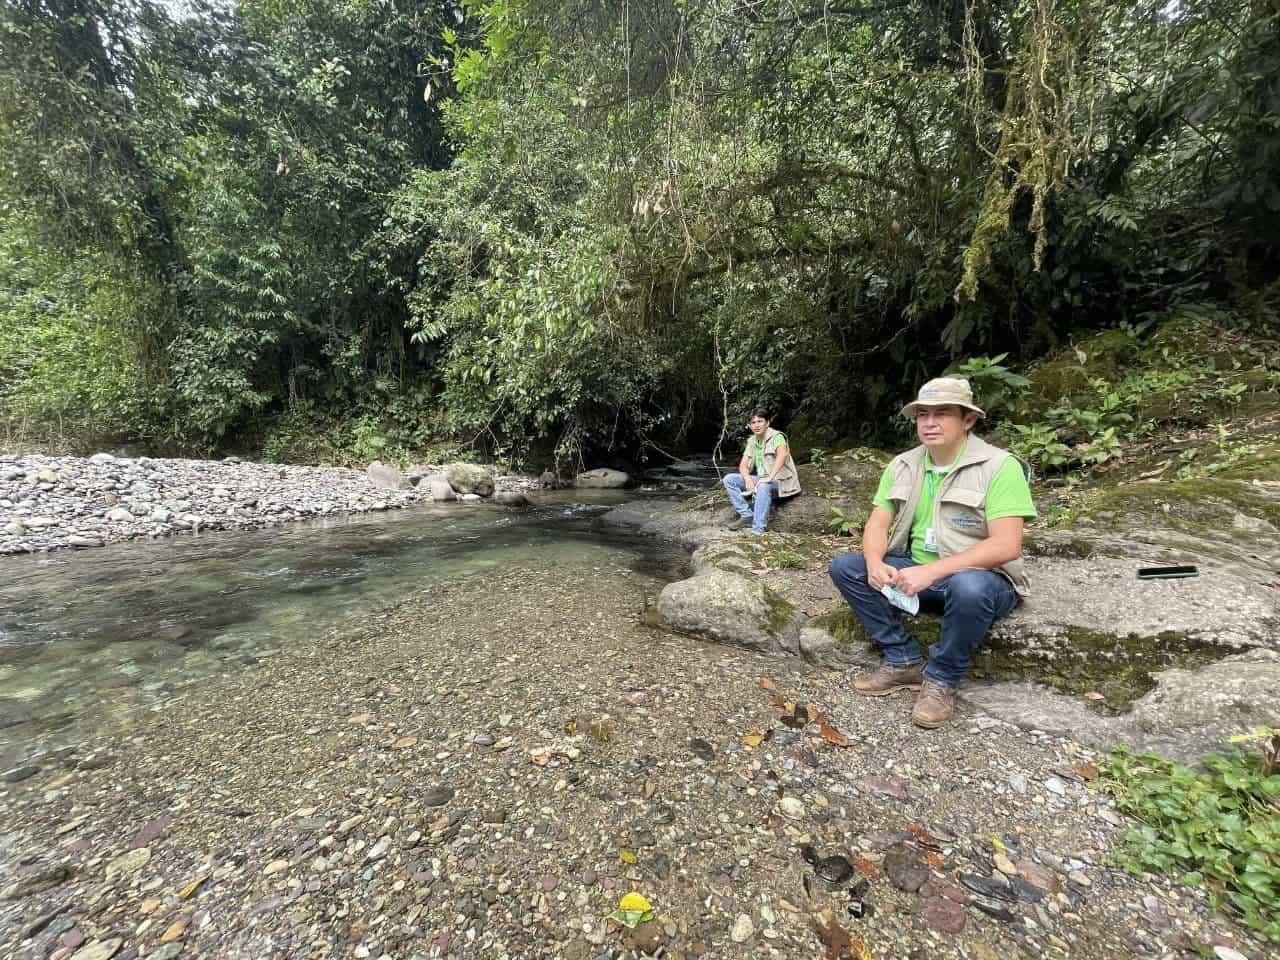 Santa María fortalece su oferta de turismo de naturaleza con La Cristalina #AlNatural 1